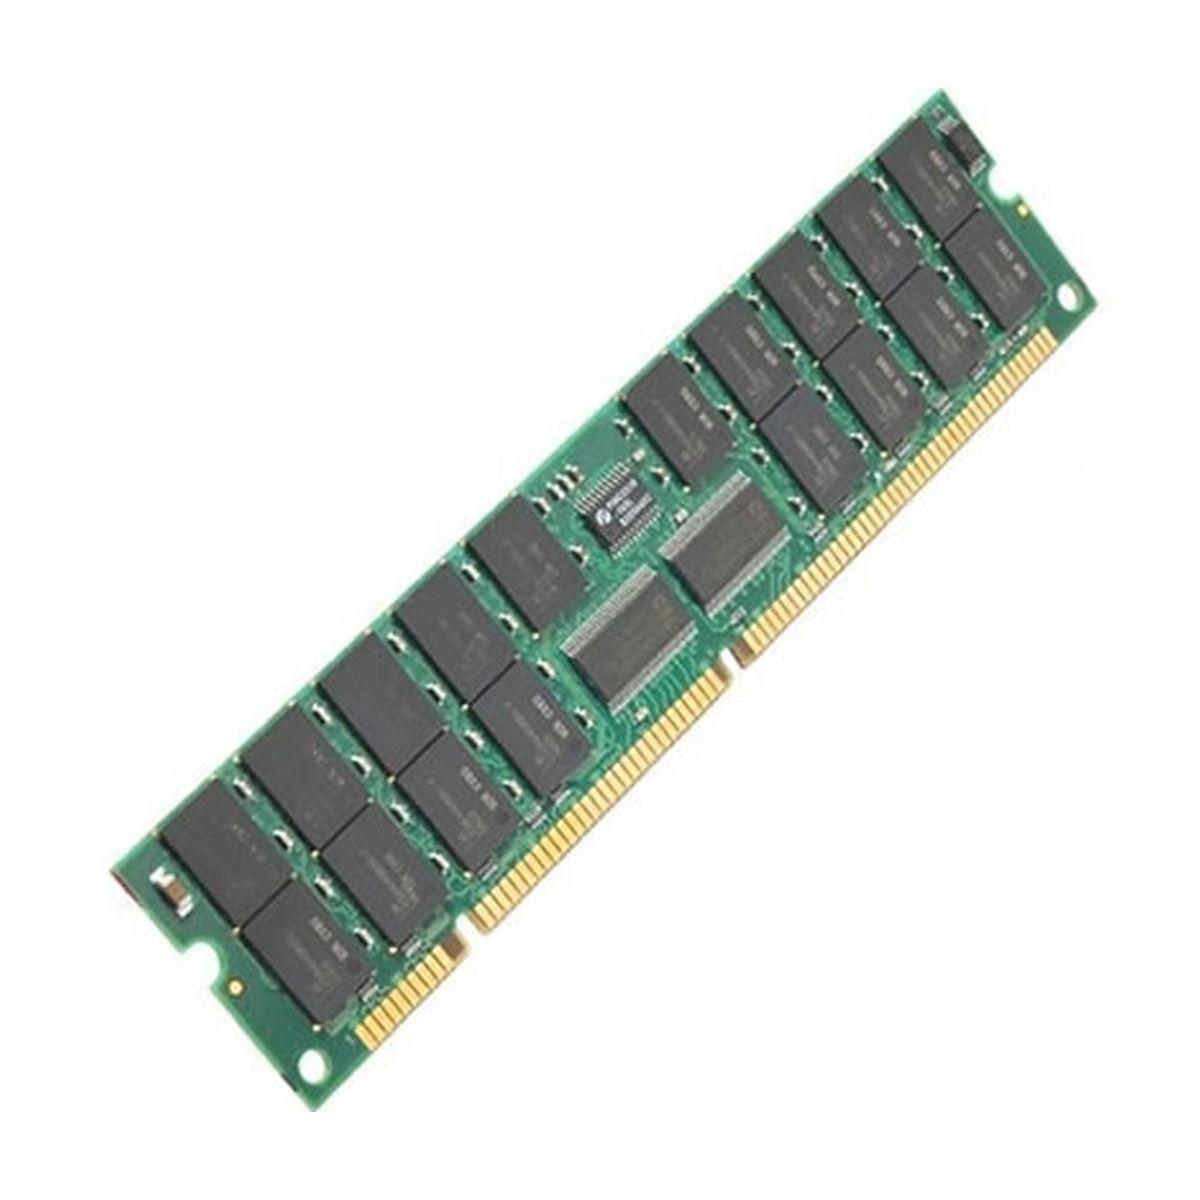 DYSK DELL SEAGATE 300GB SAS 15K 3,5 0FW956 GW+FV